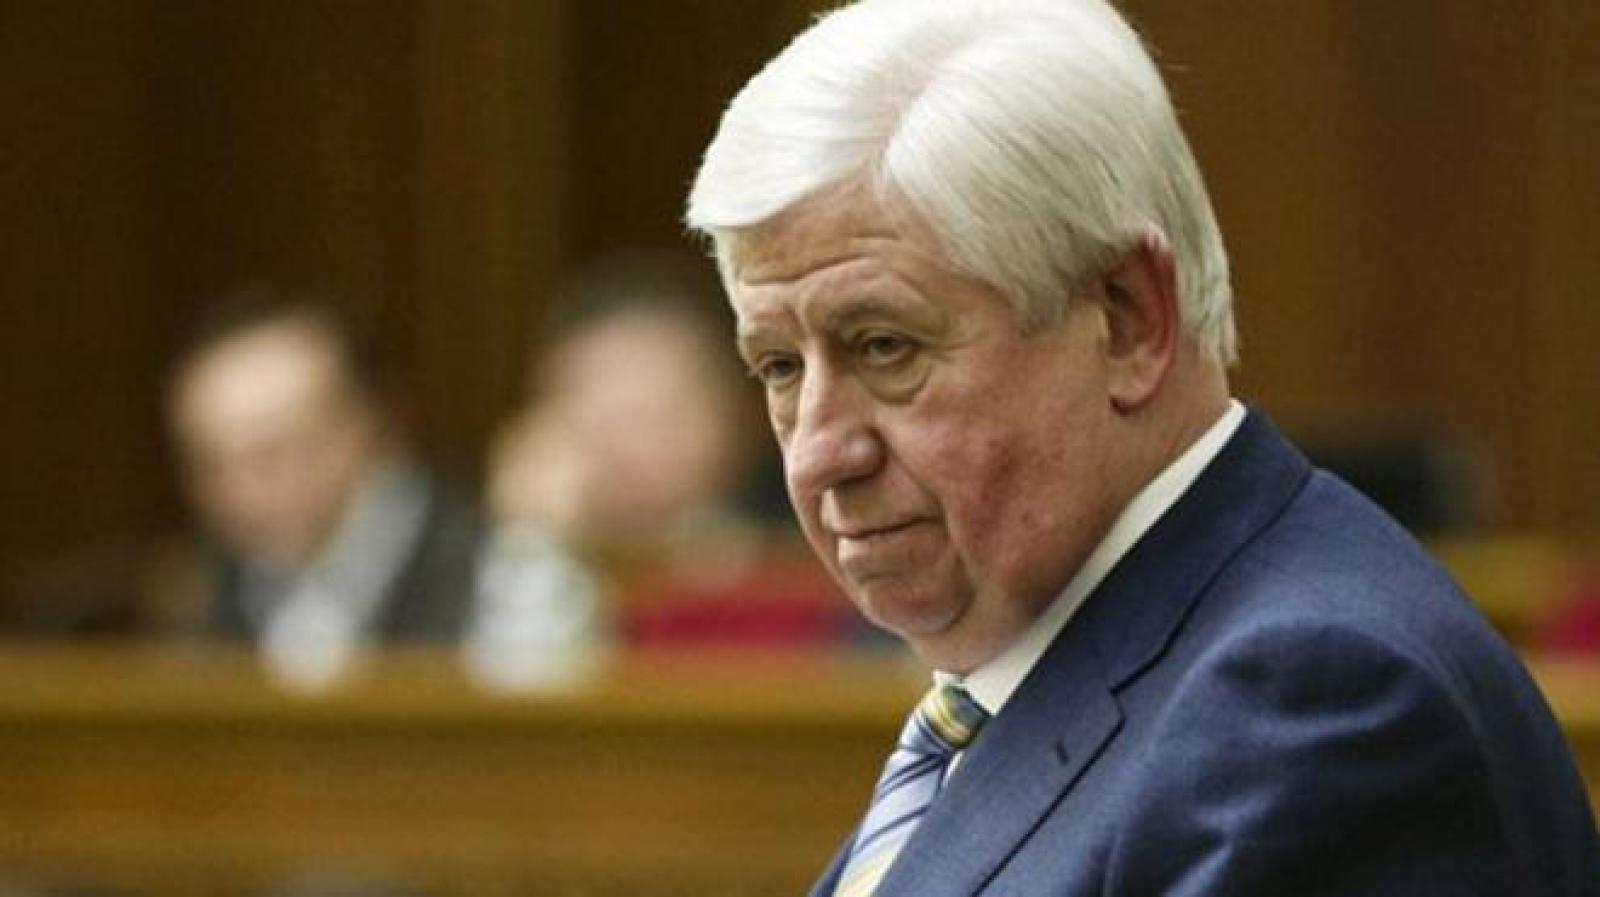 Шокин заявил, что после отставки с должности Генпрокурора уйдет на заслуженный отдых